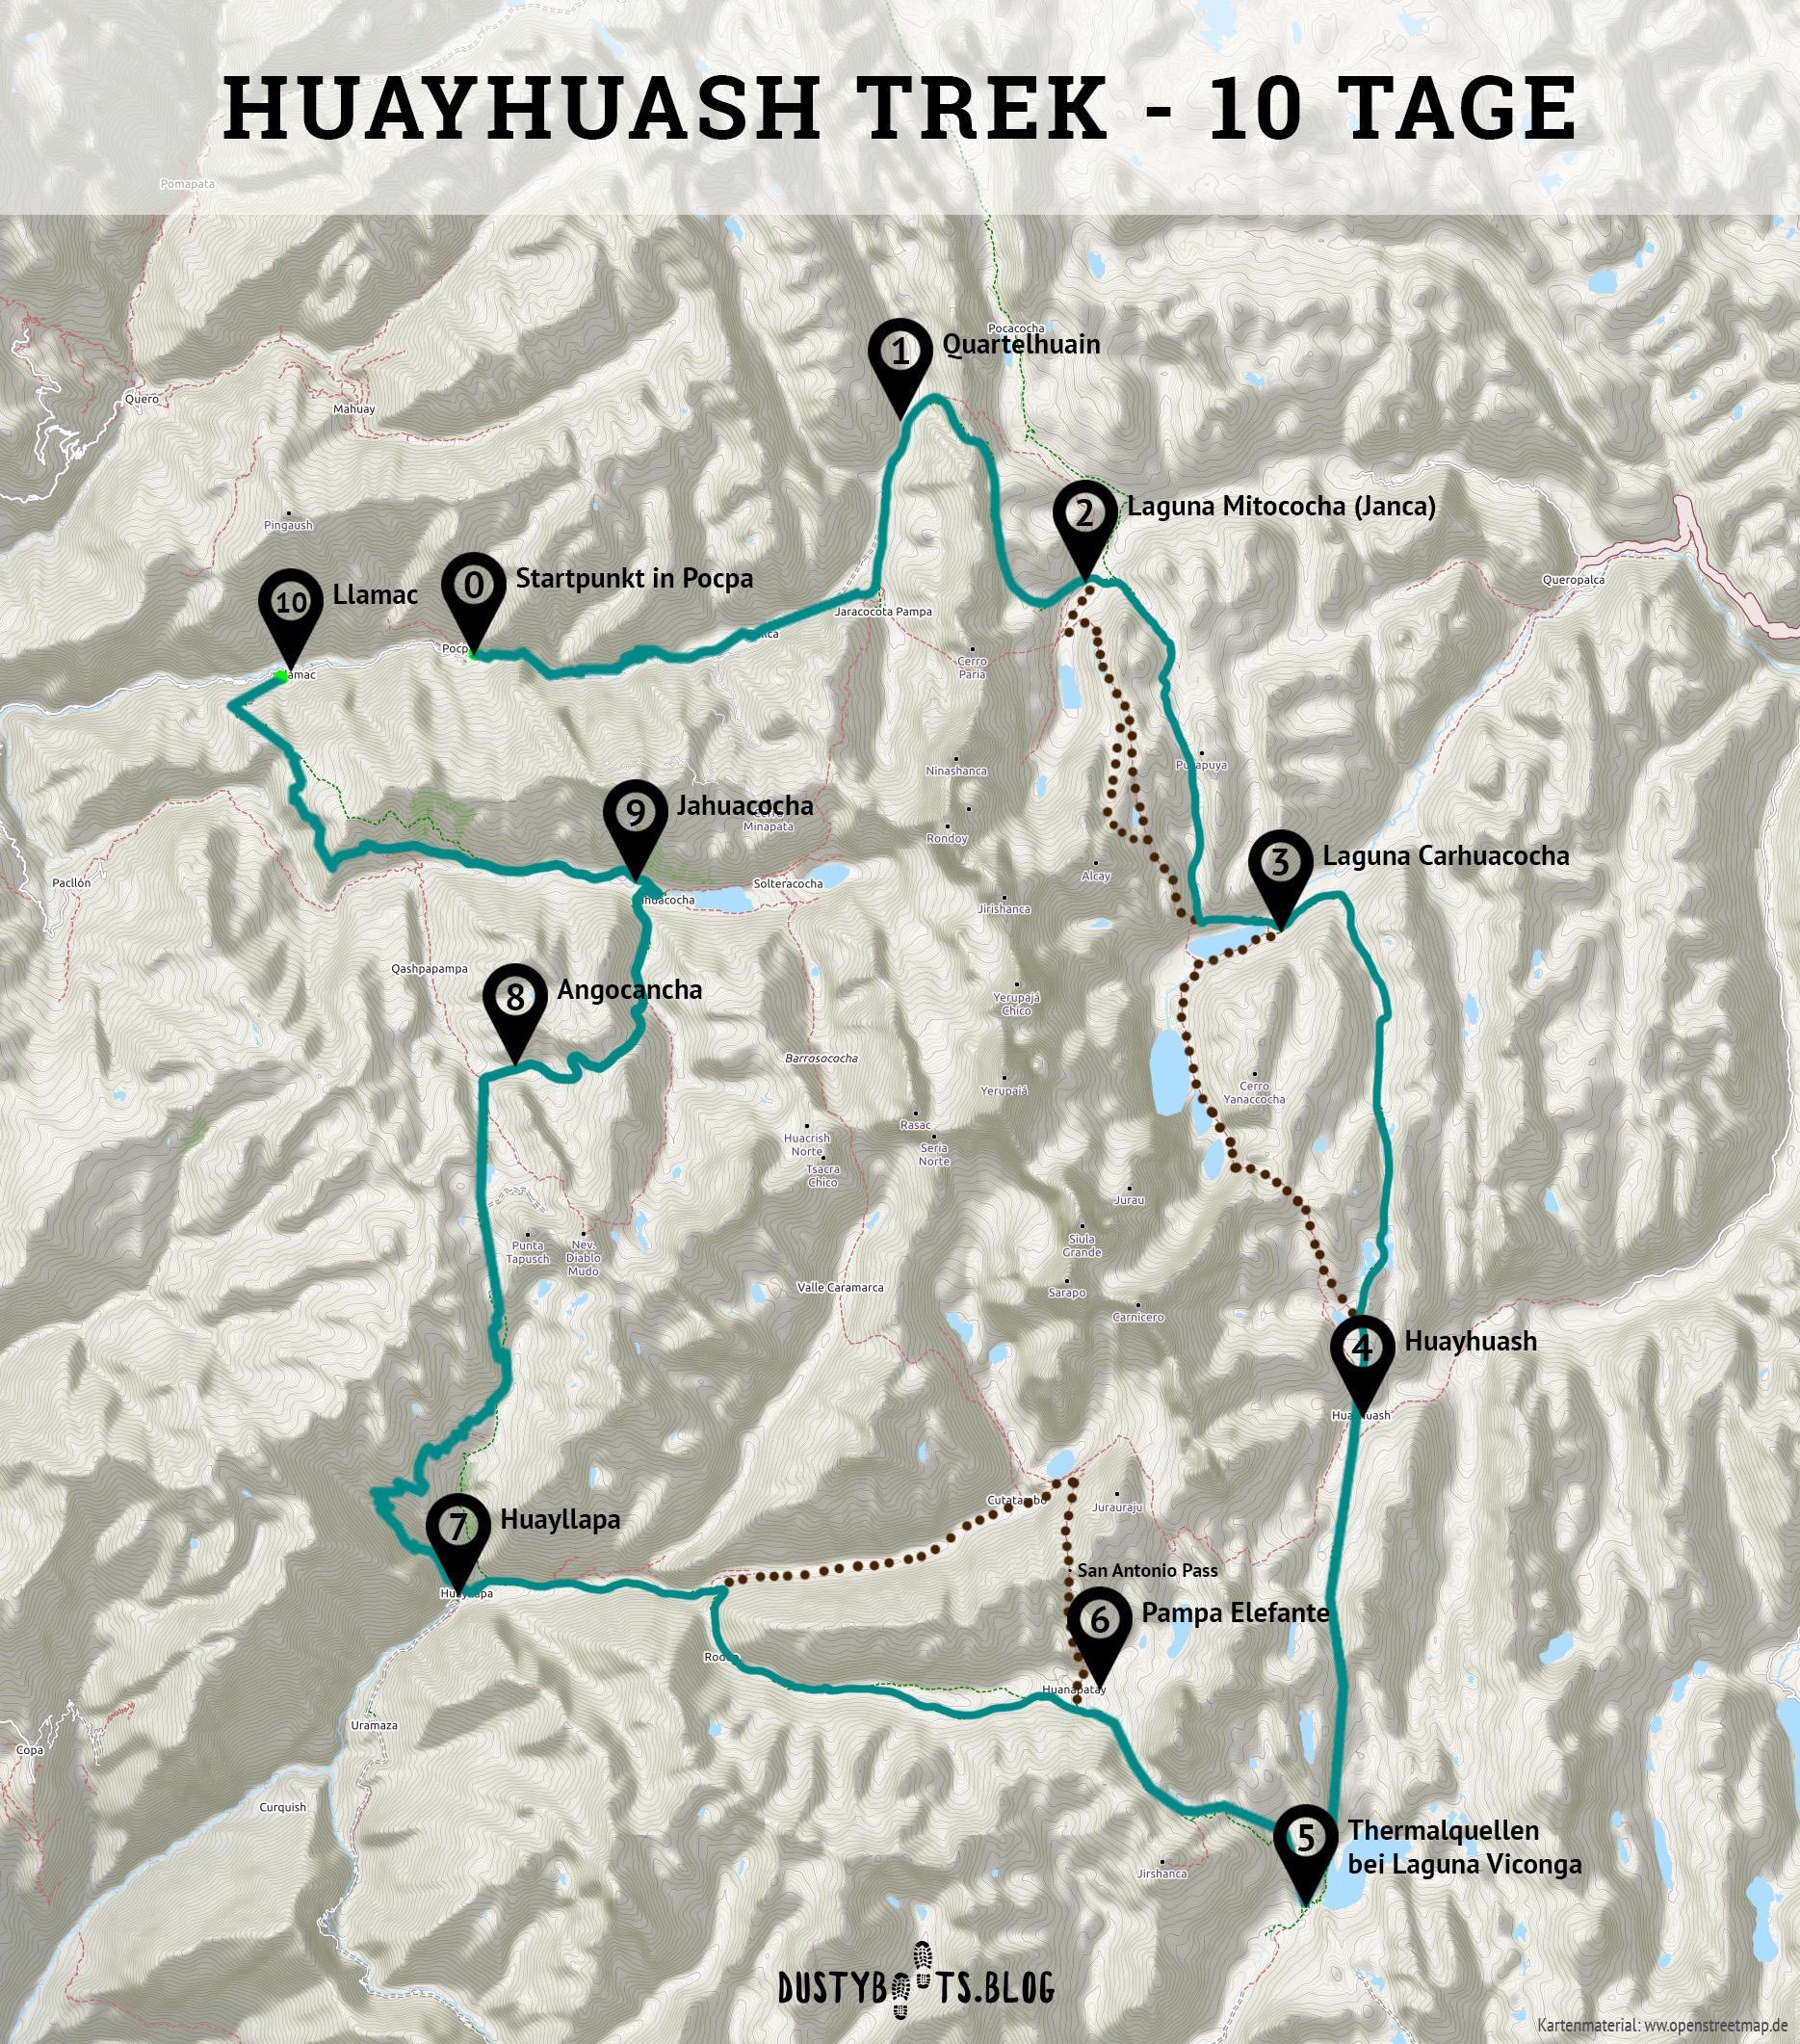 Karte vom Huayhuash Trek in Peru für die Umrundung in 10 Tagen